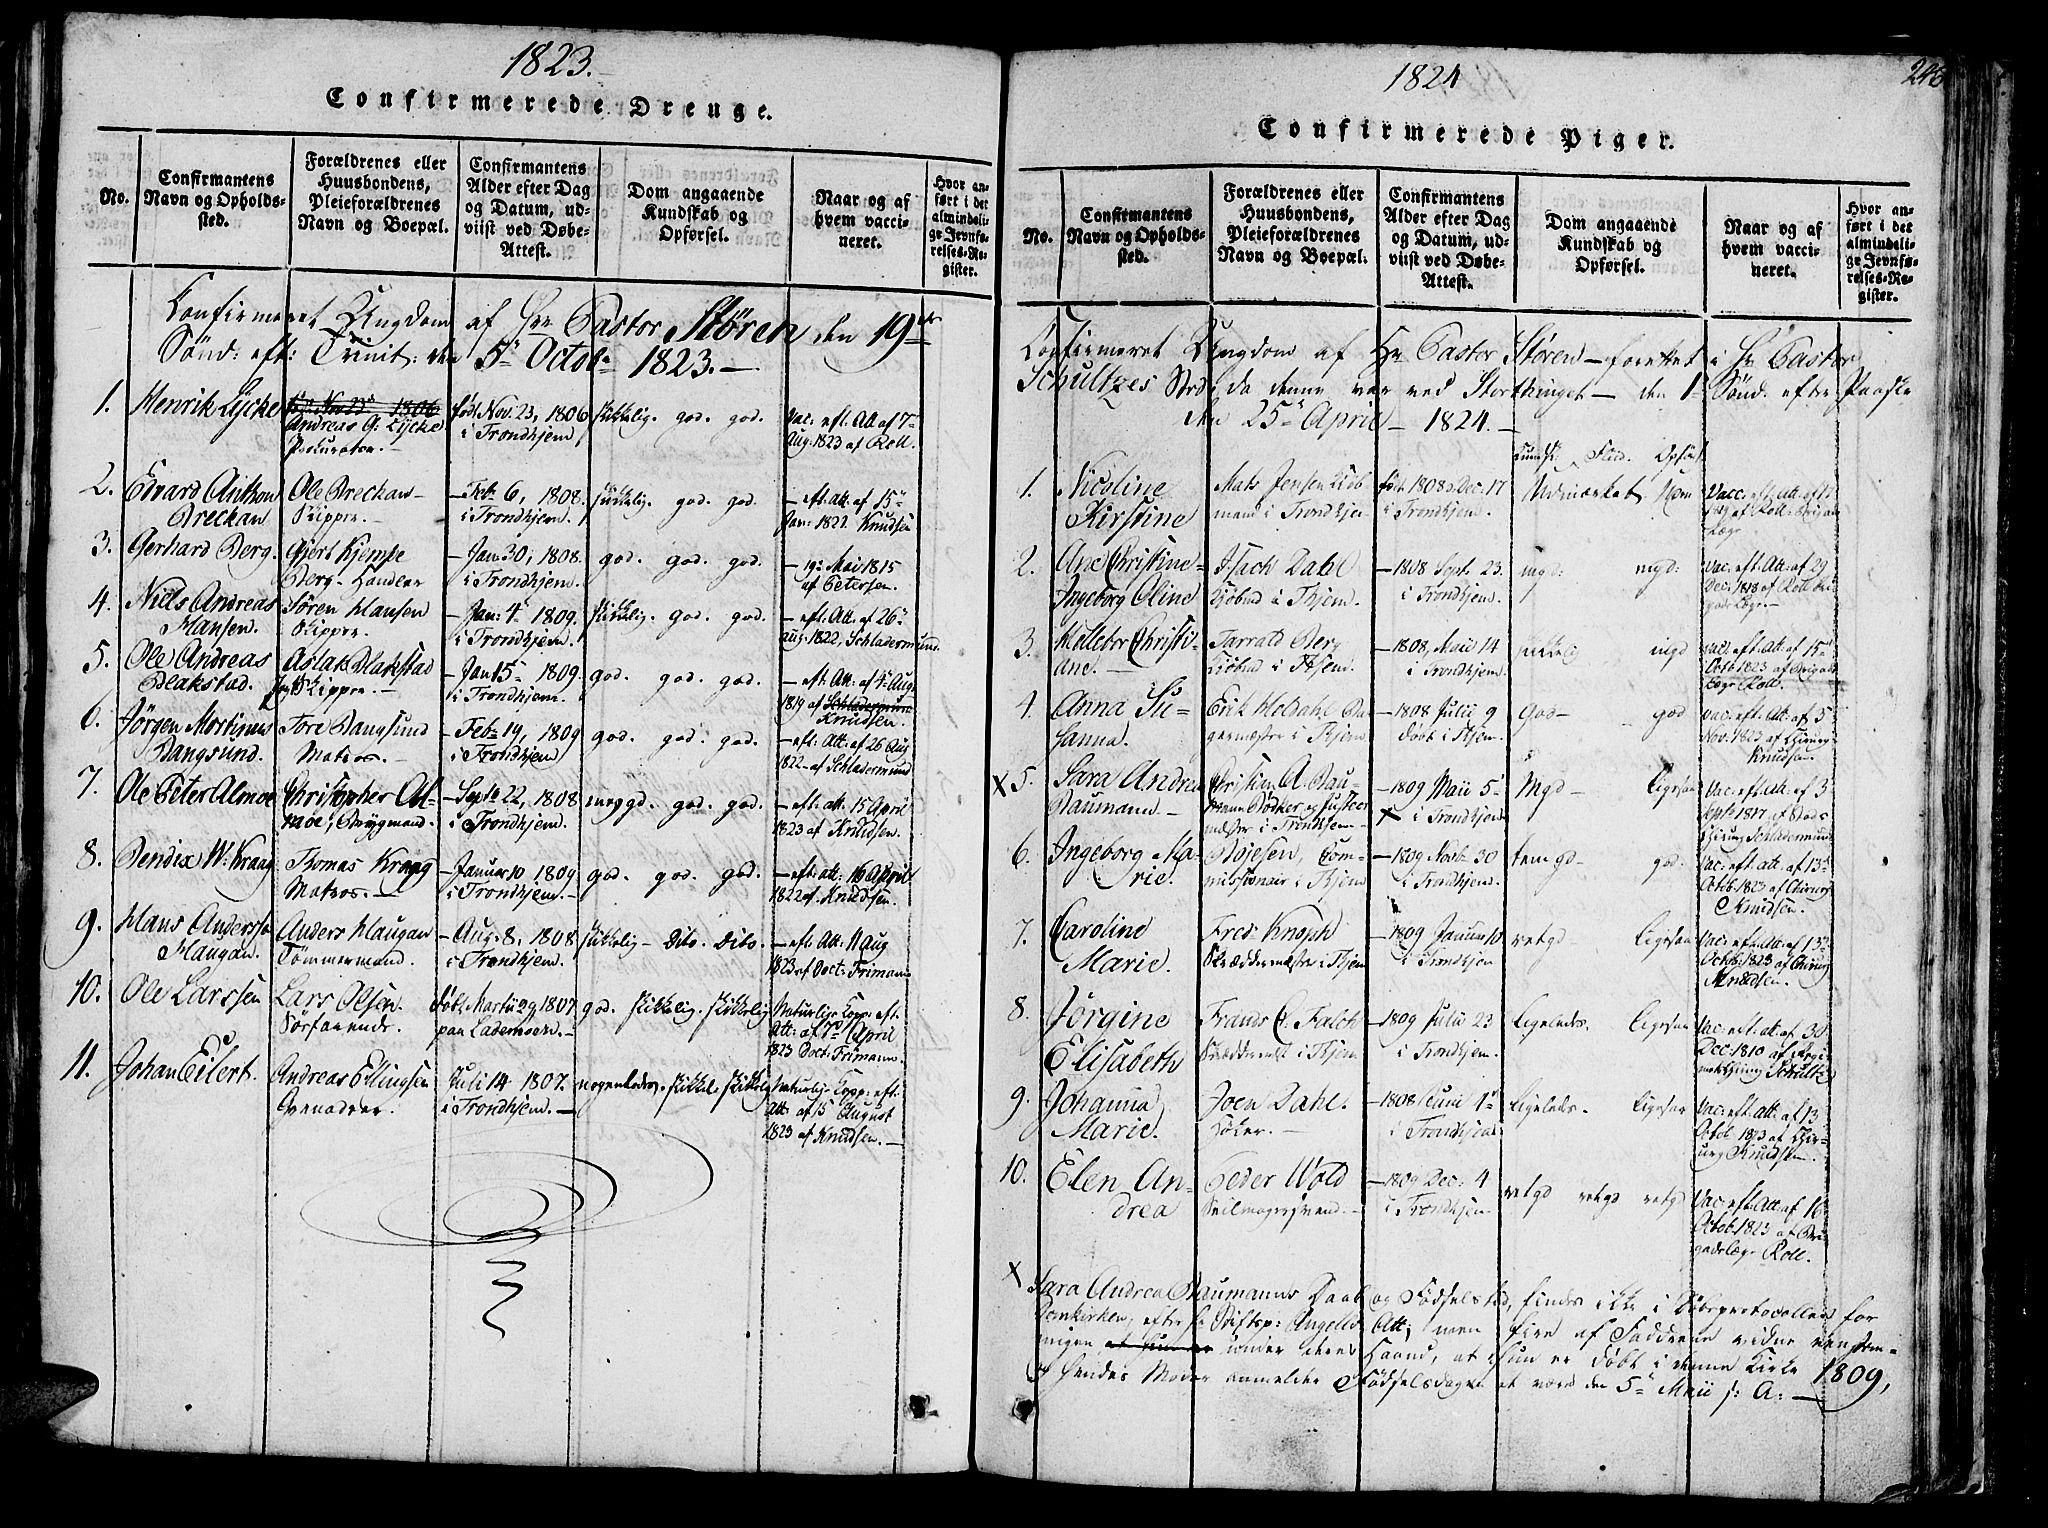 SAT, Ministerialprotokoller, klokkerbøker og fødselsregistre - Sør-Trøndelag, 602/L0135: Klokkerbok nr. 602C03, 1815-1832, s. 246